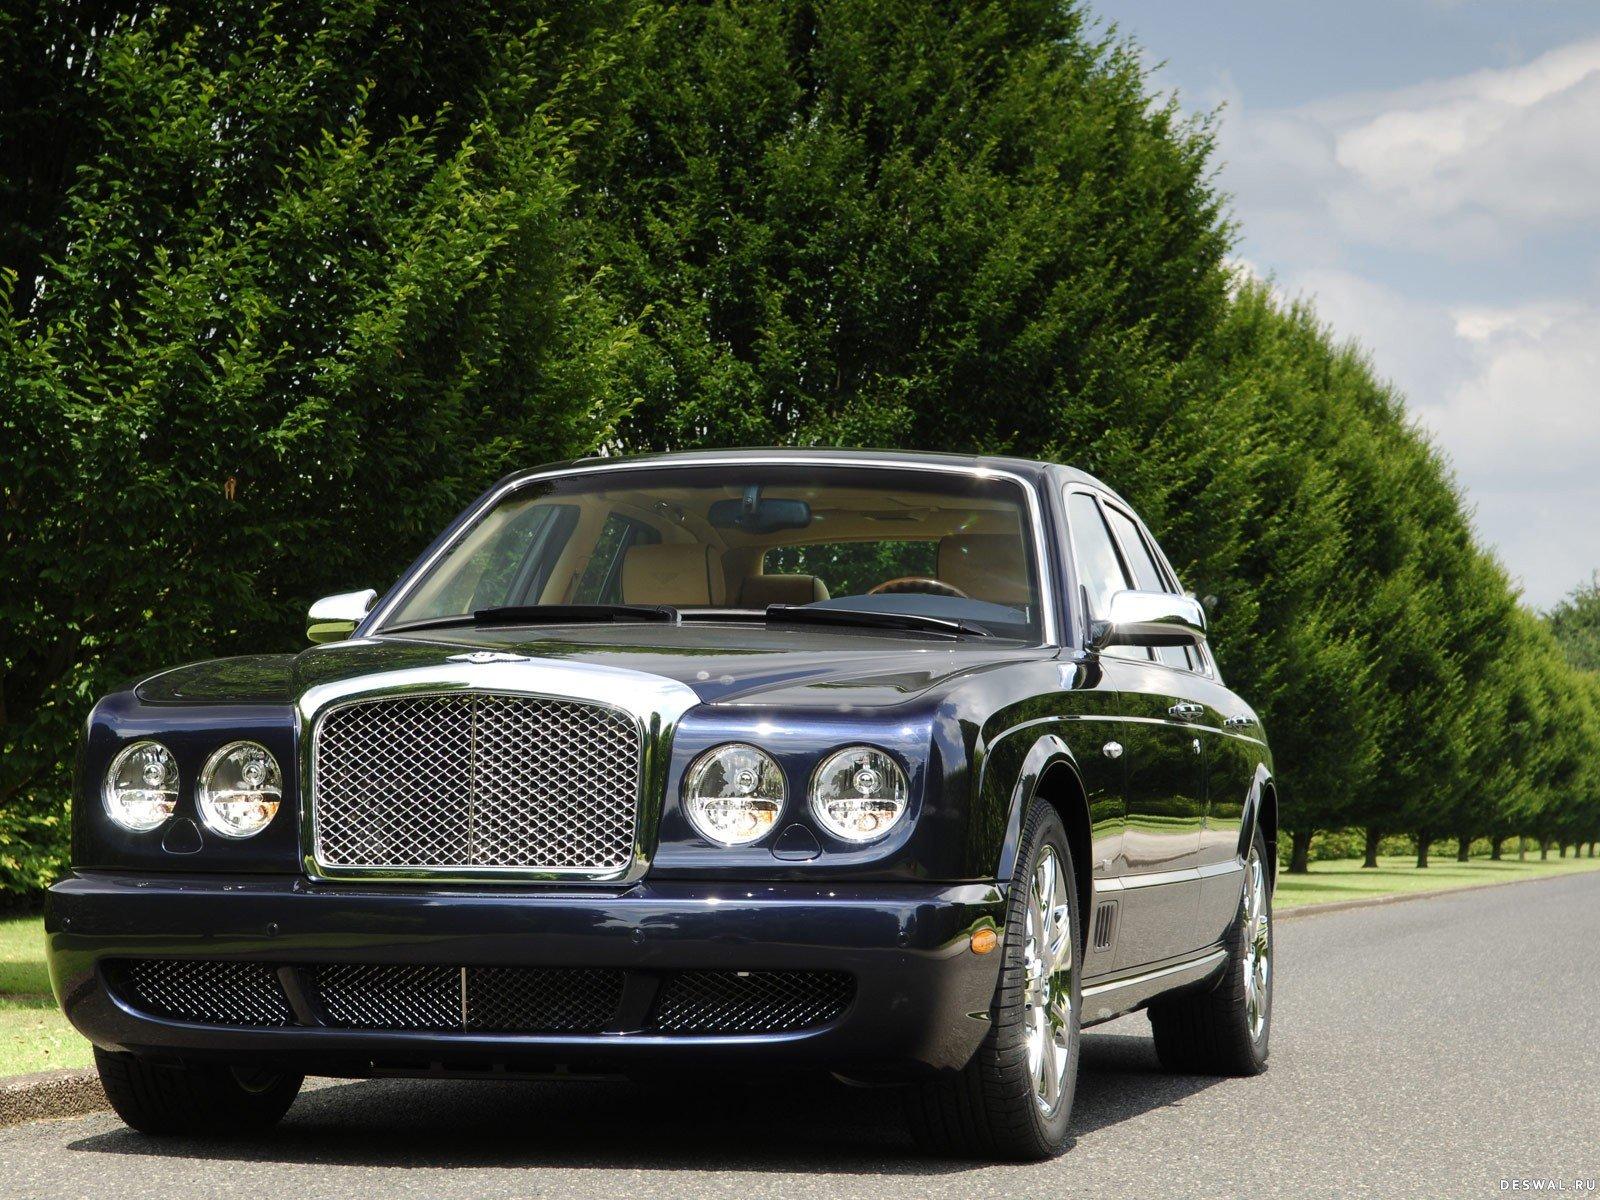 Изображение Bentley на классной обои, Нажмите на картинку с обоями автомобиля bentley, чтобы просмотреть ее в реальном размере